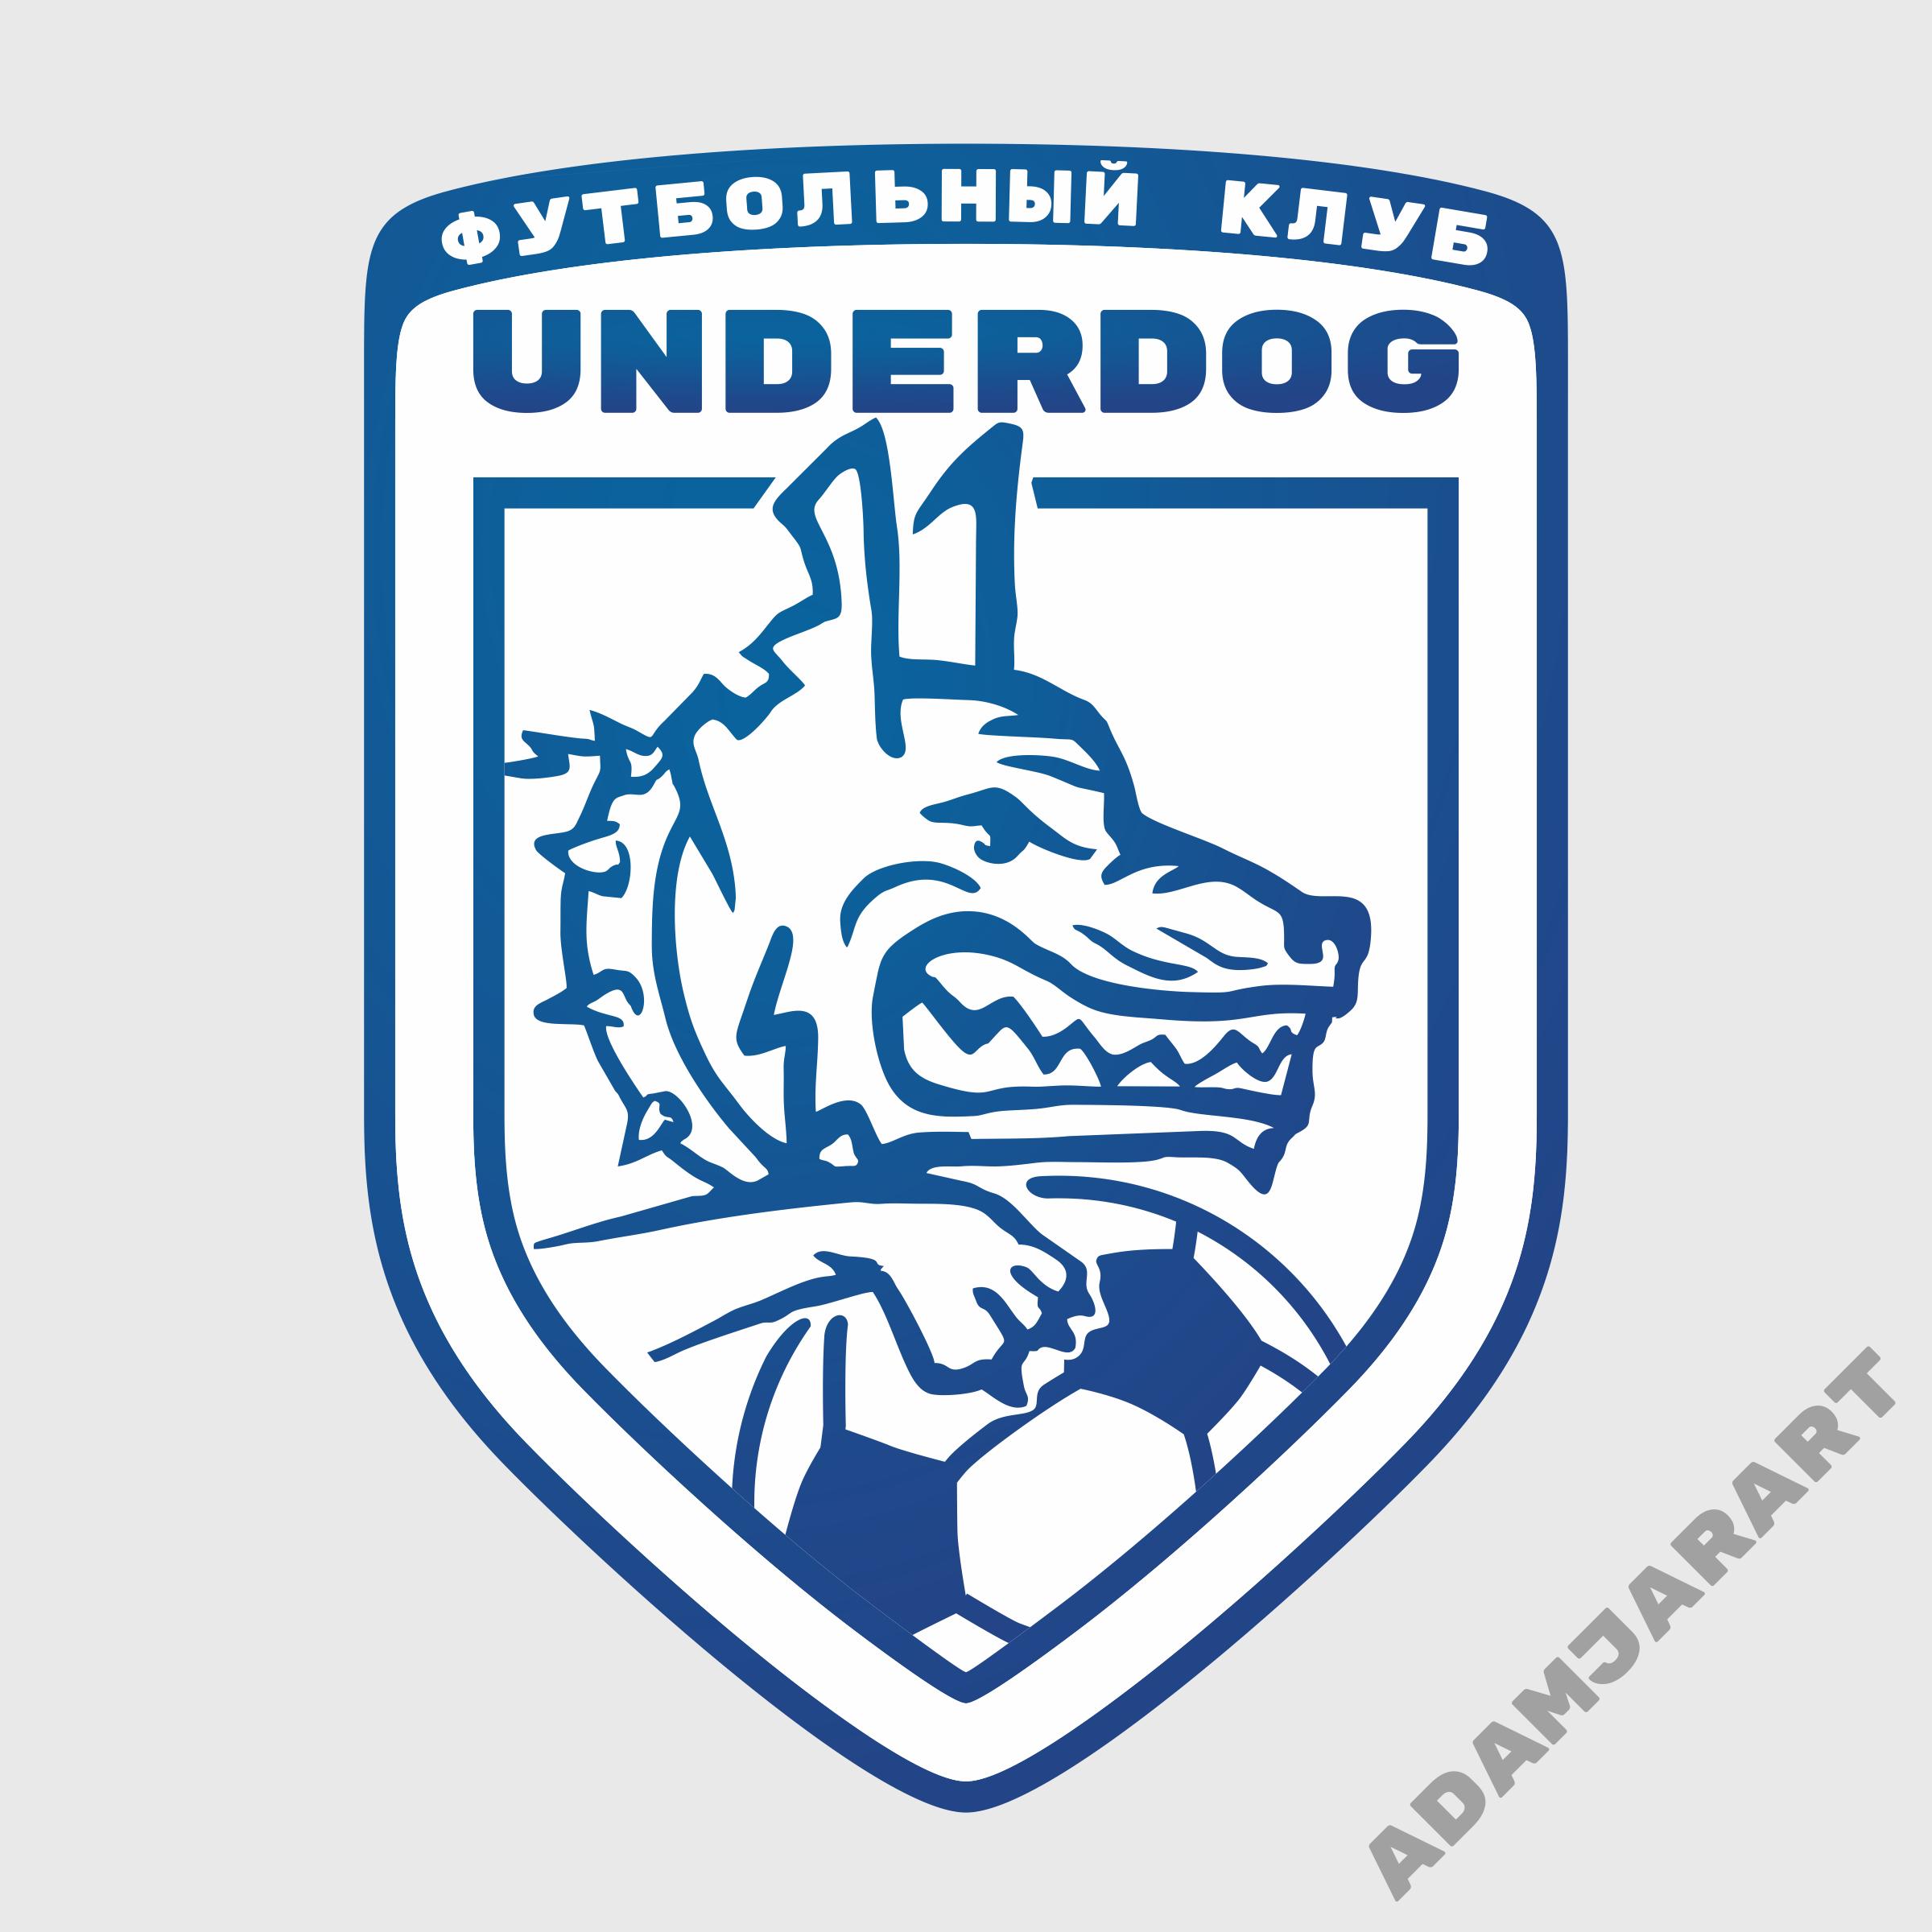 Футбольный клуб UNDERDOG - разработать фирстиль и бренд-бук фото f_1075cb496d563e56.png